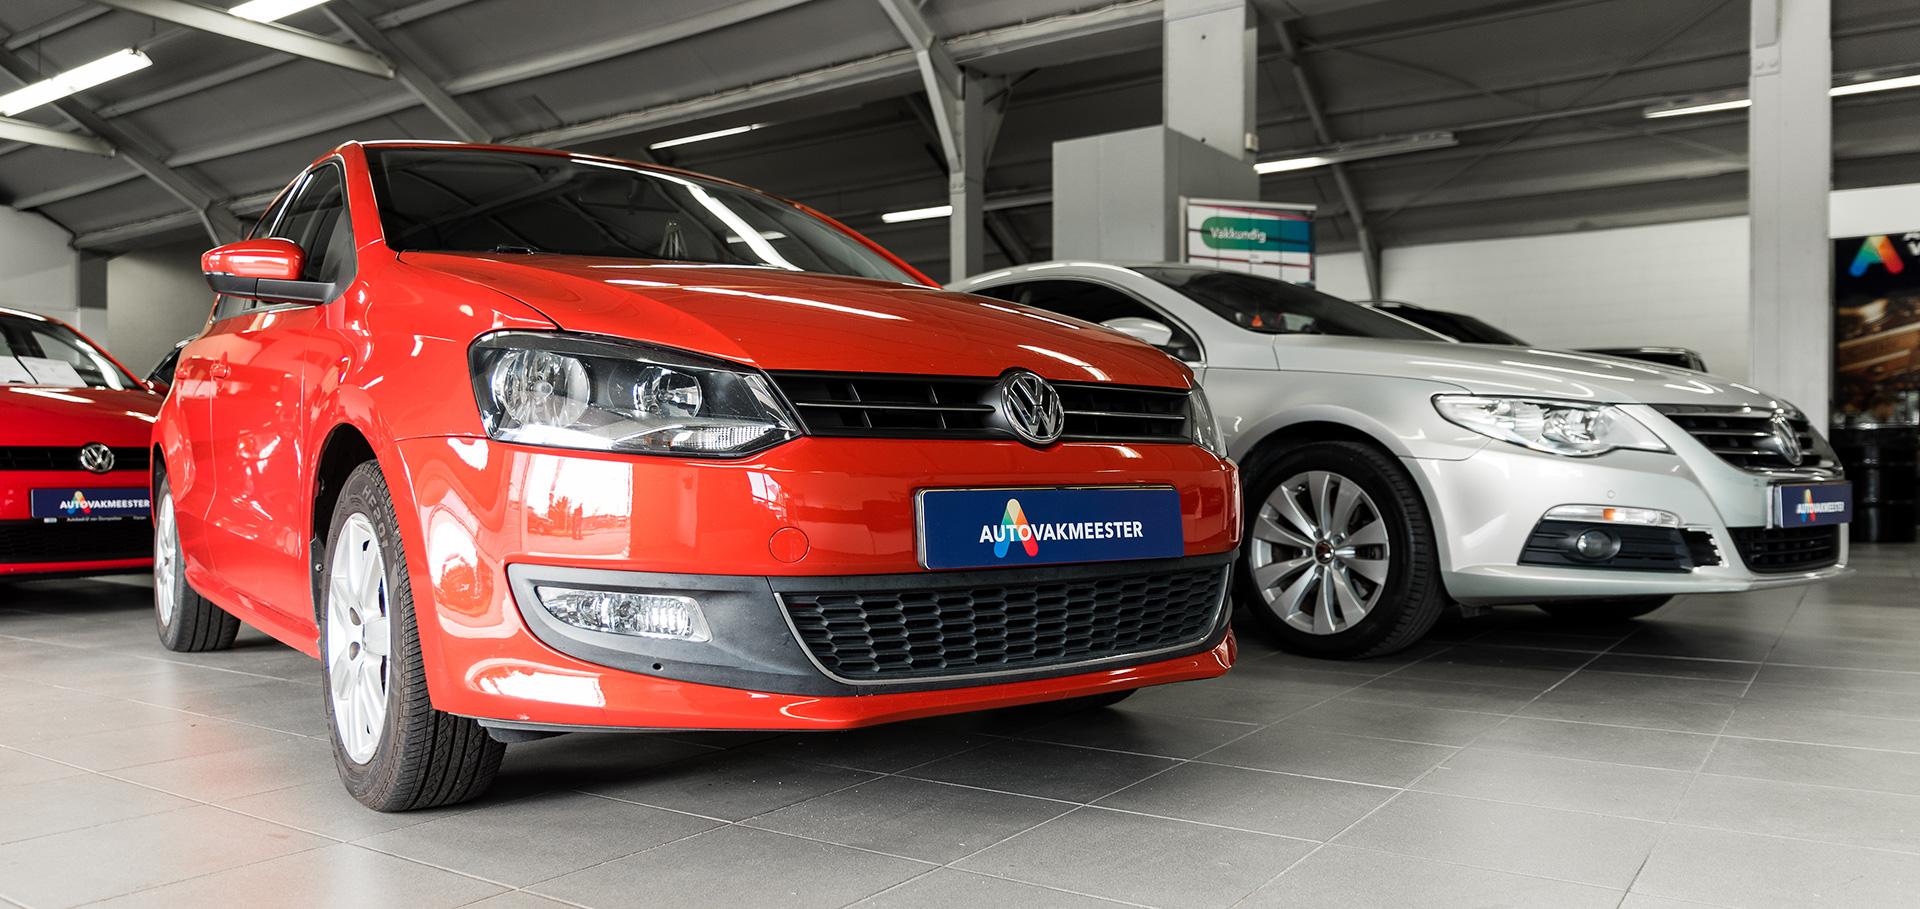 Financiering Autobedrijf Van Dompzelaar Vianen